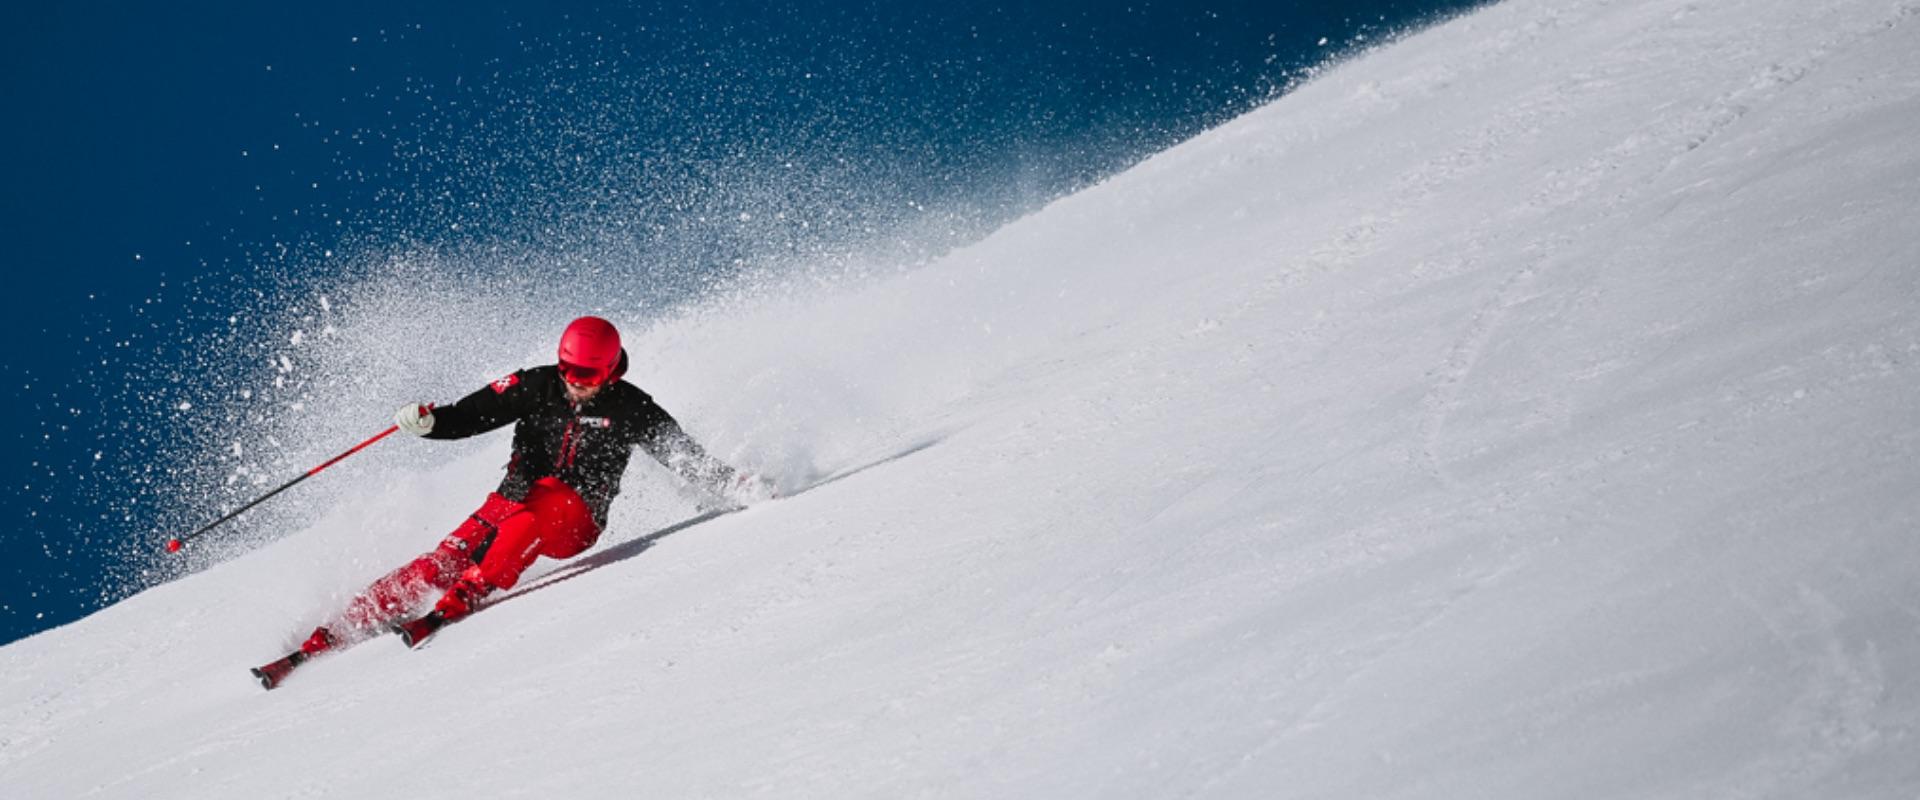 safe-formacion-convocatoria-tecnicos-deportivos-esqui-alpino-2